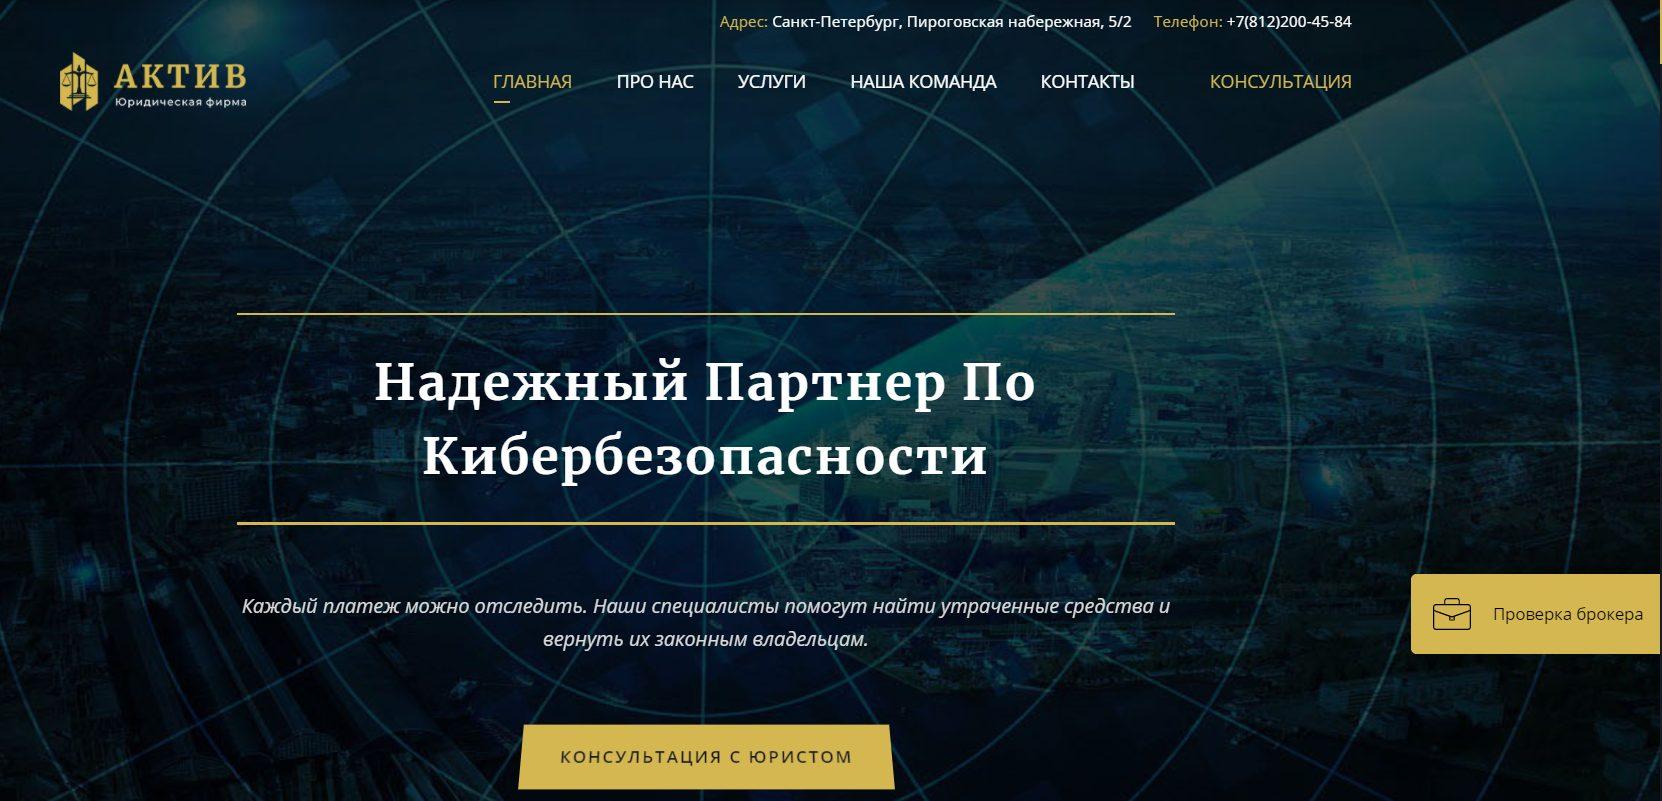 юридическая фирма актив сайт